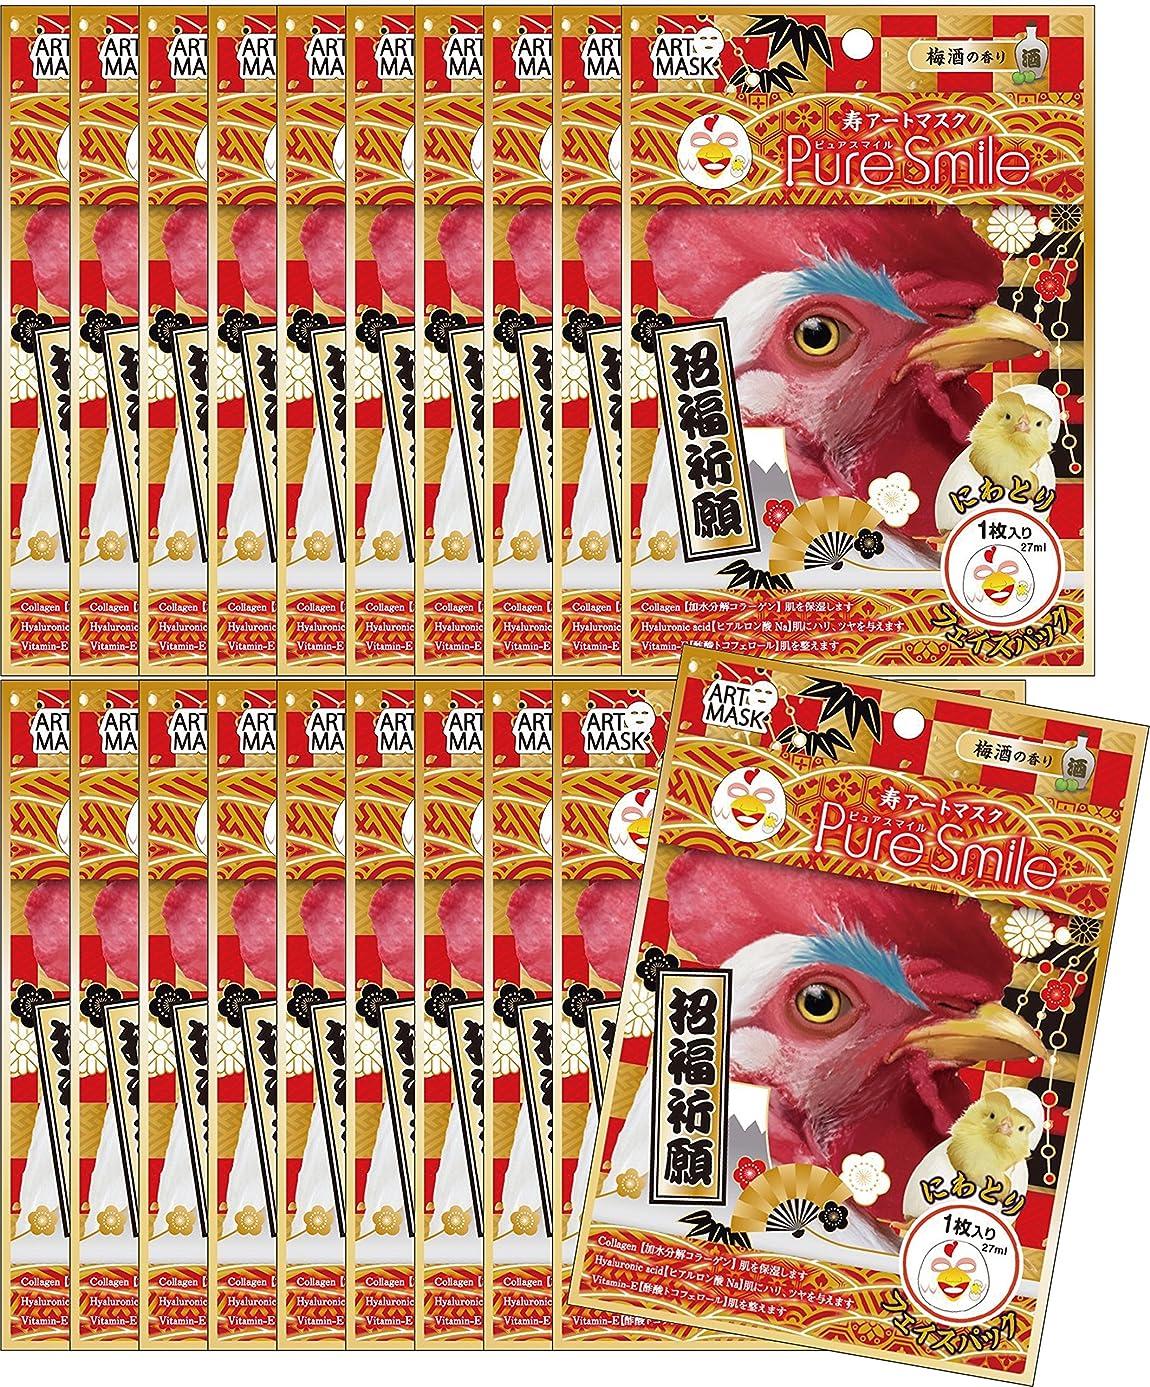 雇った早熟レンダリング【ピュアスマイル】『迎春寿アートマスク』(にわとり/梅酒の香り)20枚セット